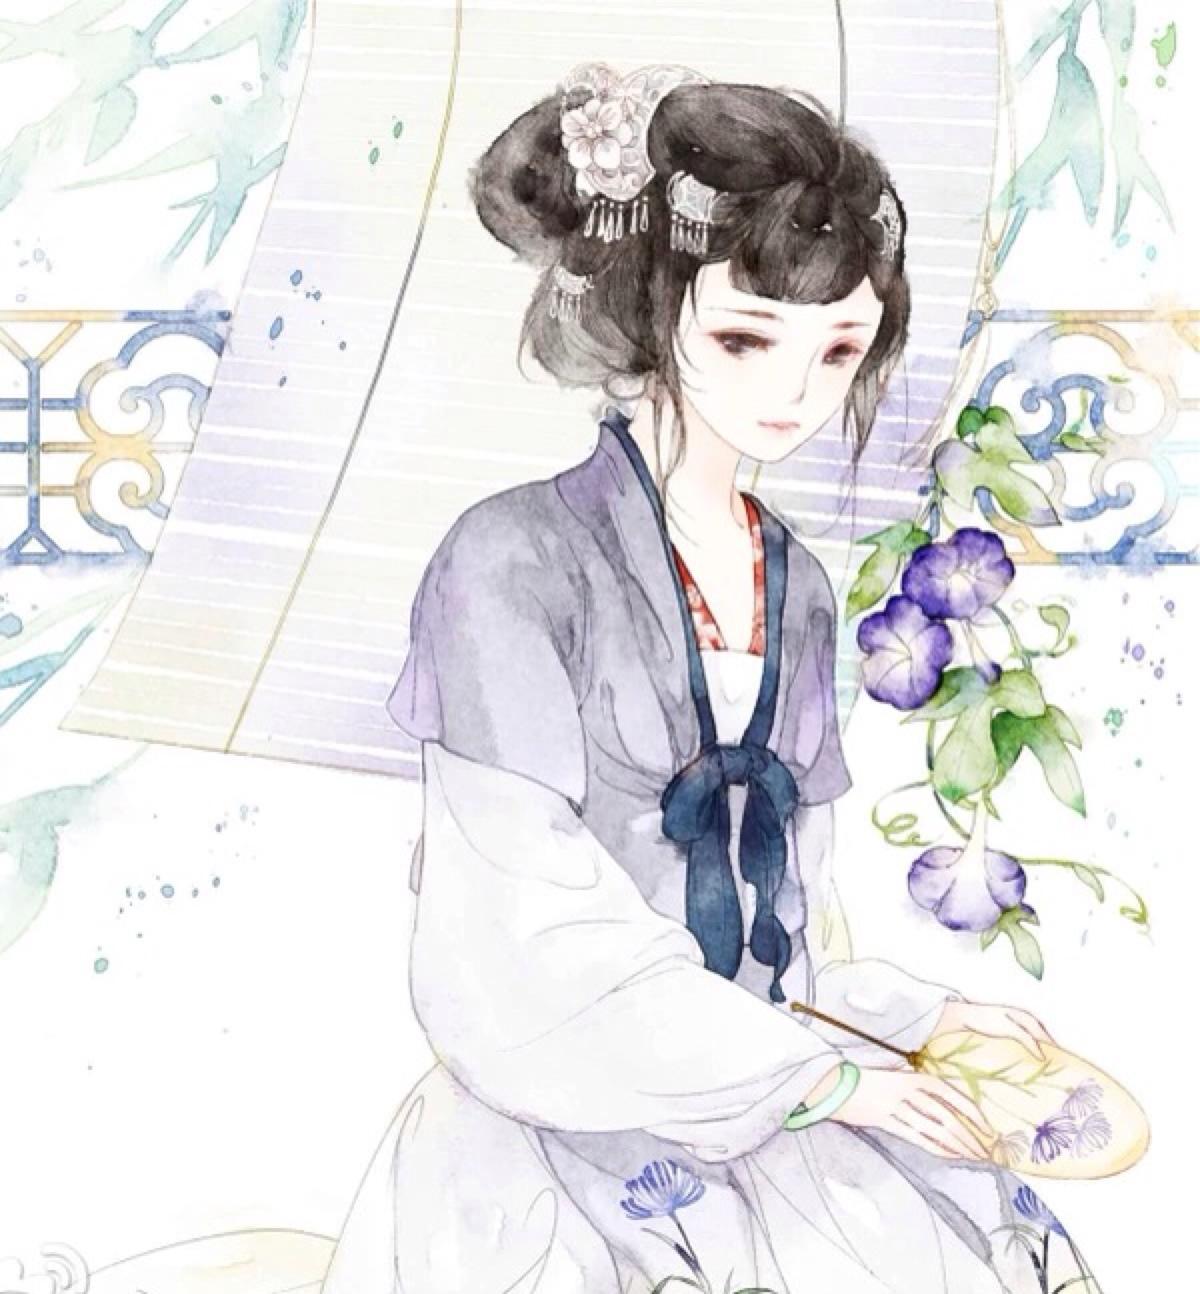 古风手绘画:温柔高雅,气质十足的美少女.